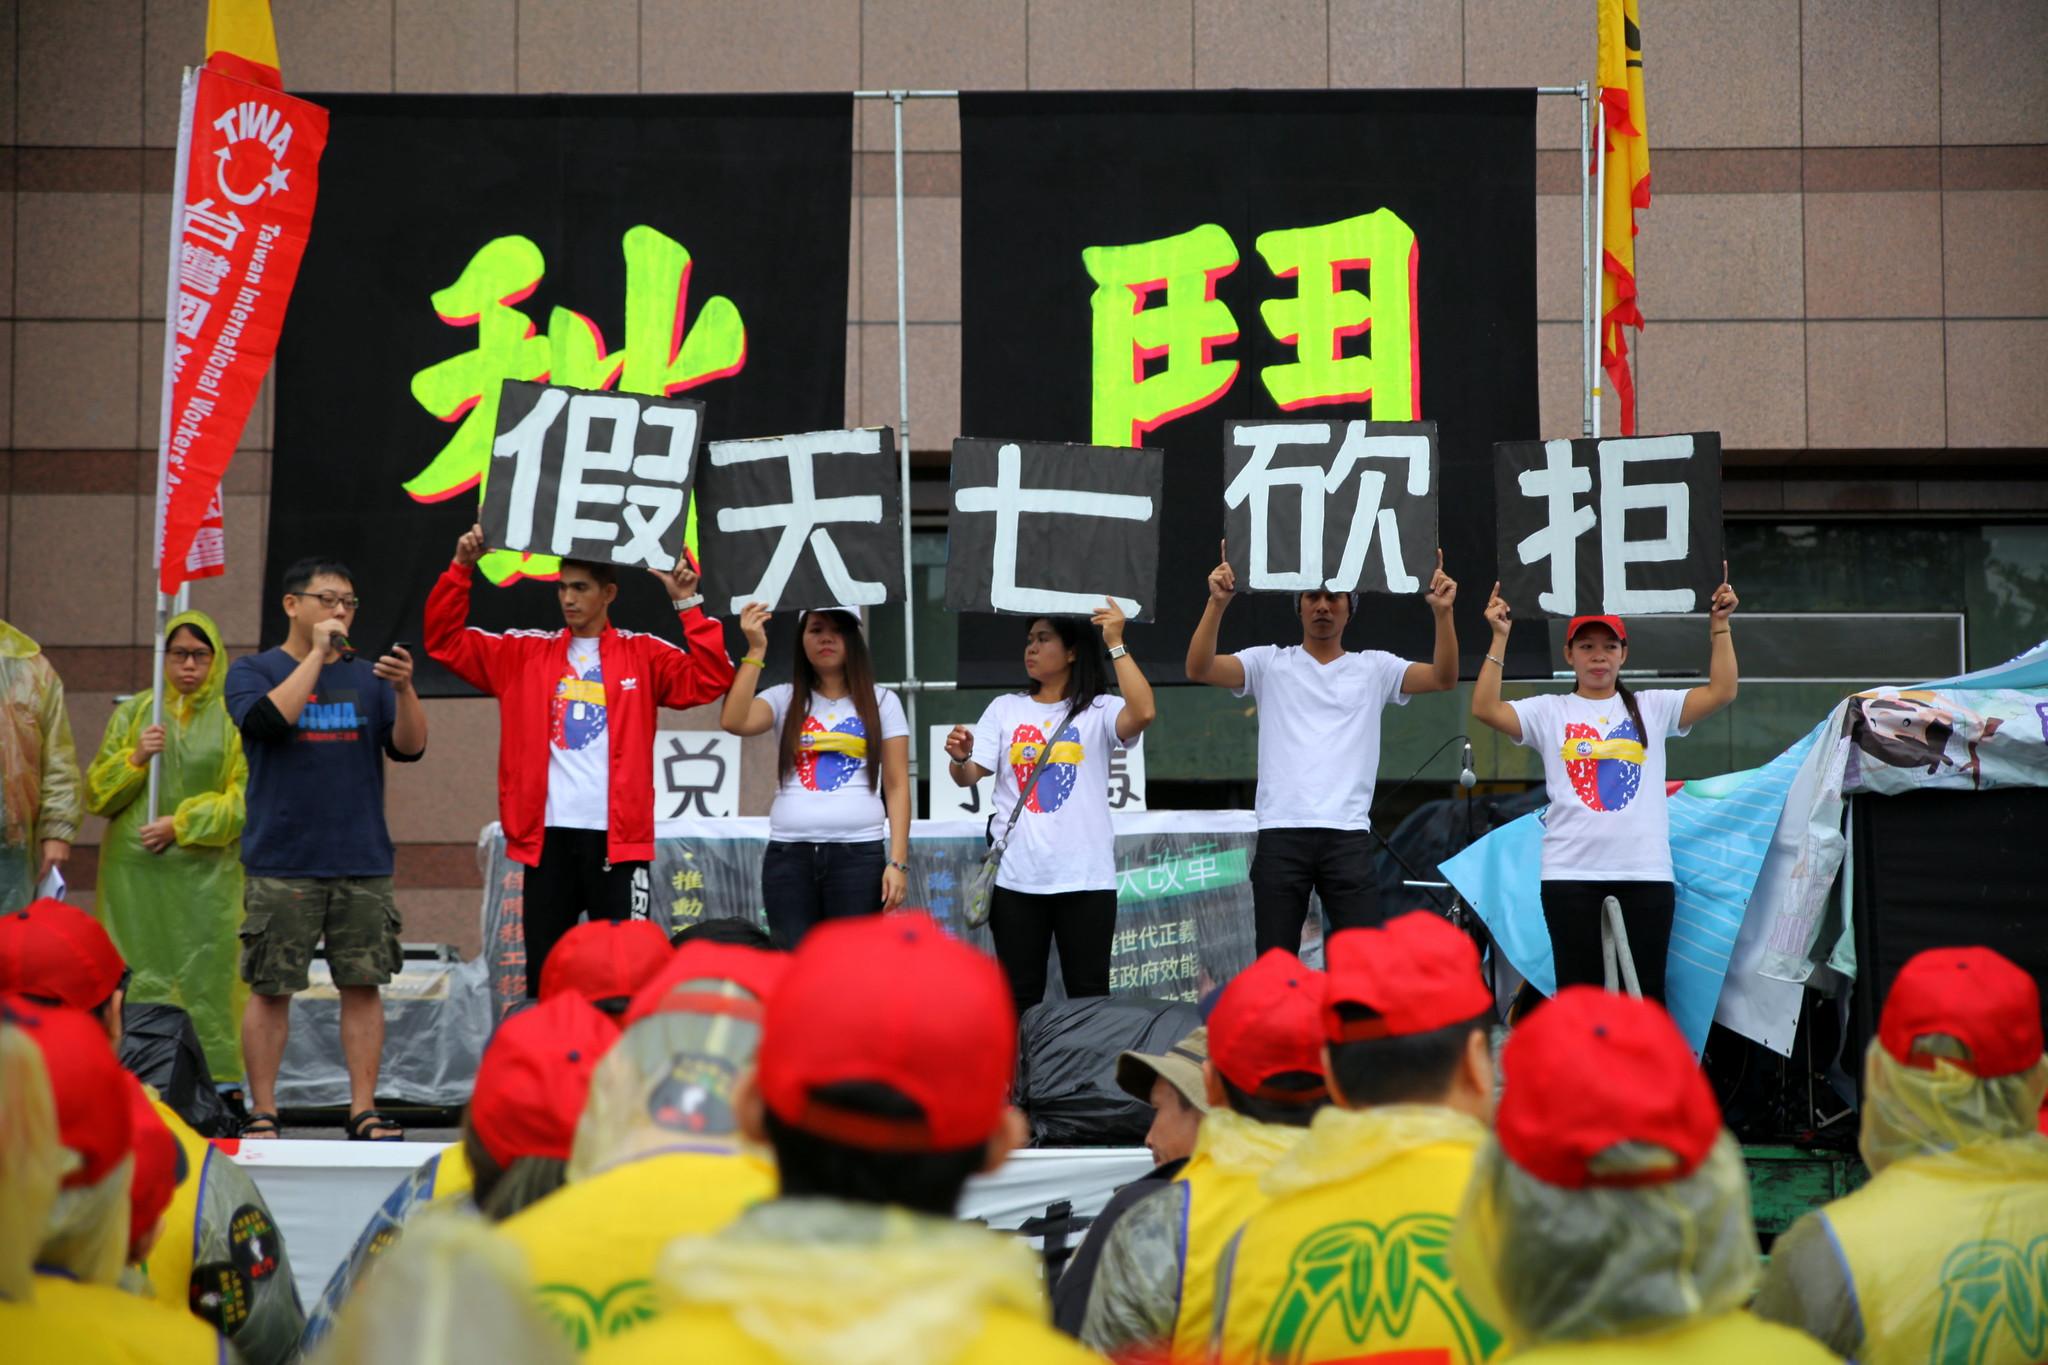 移工高舉「拒砍七天假」,工人的權利無國界。(攝影:陳逸婷)